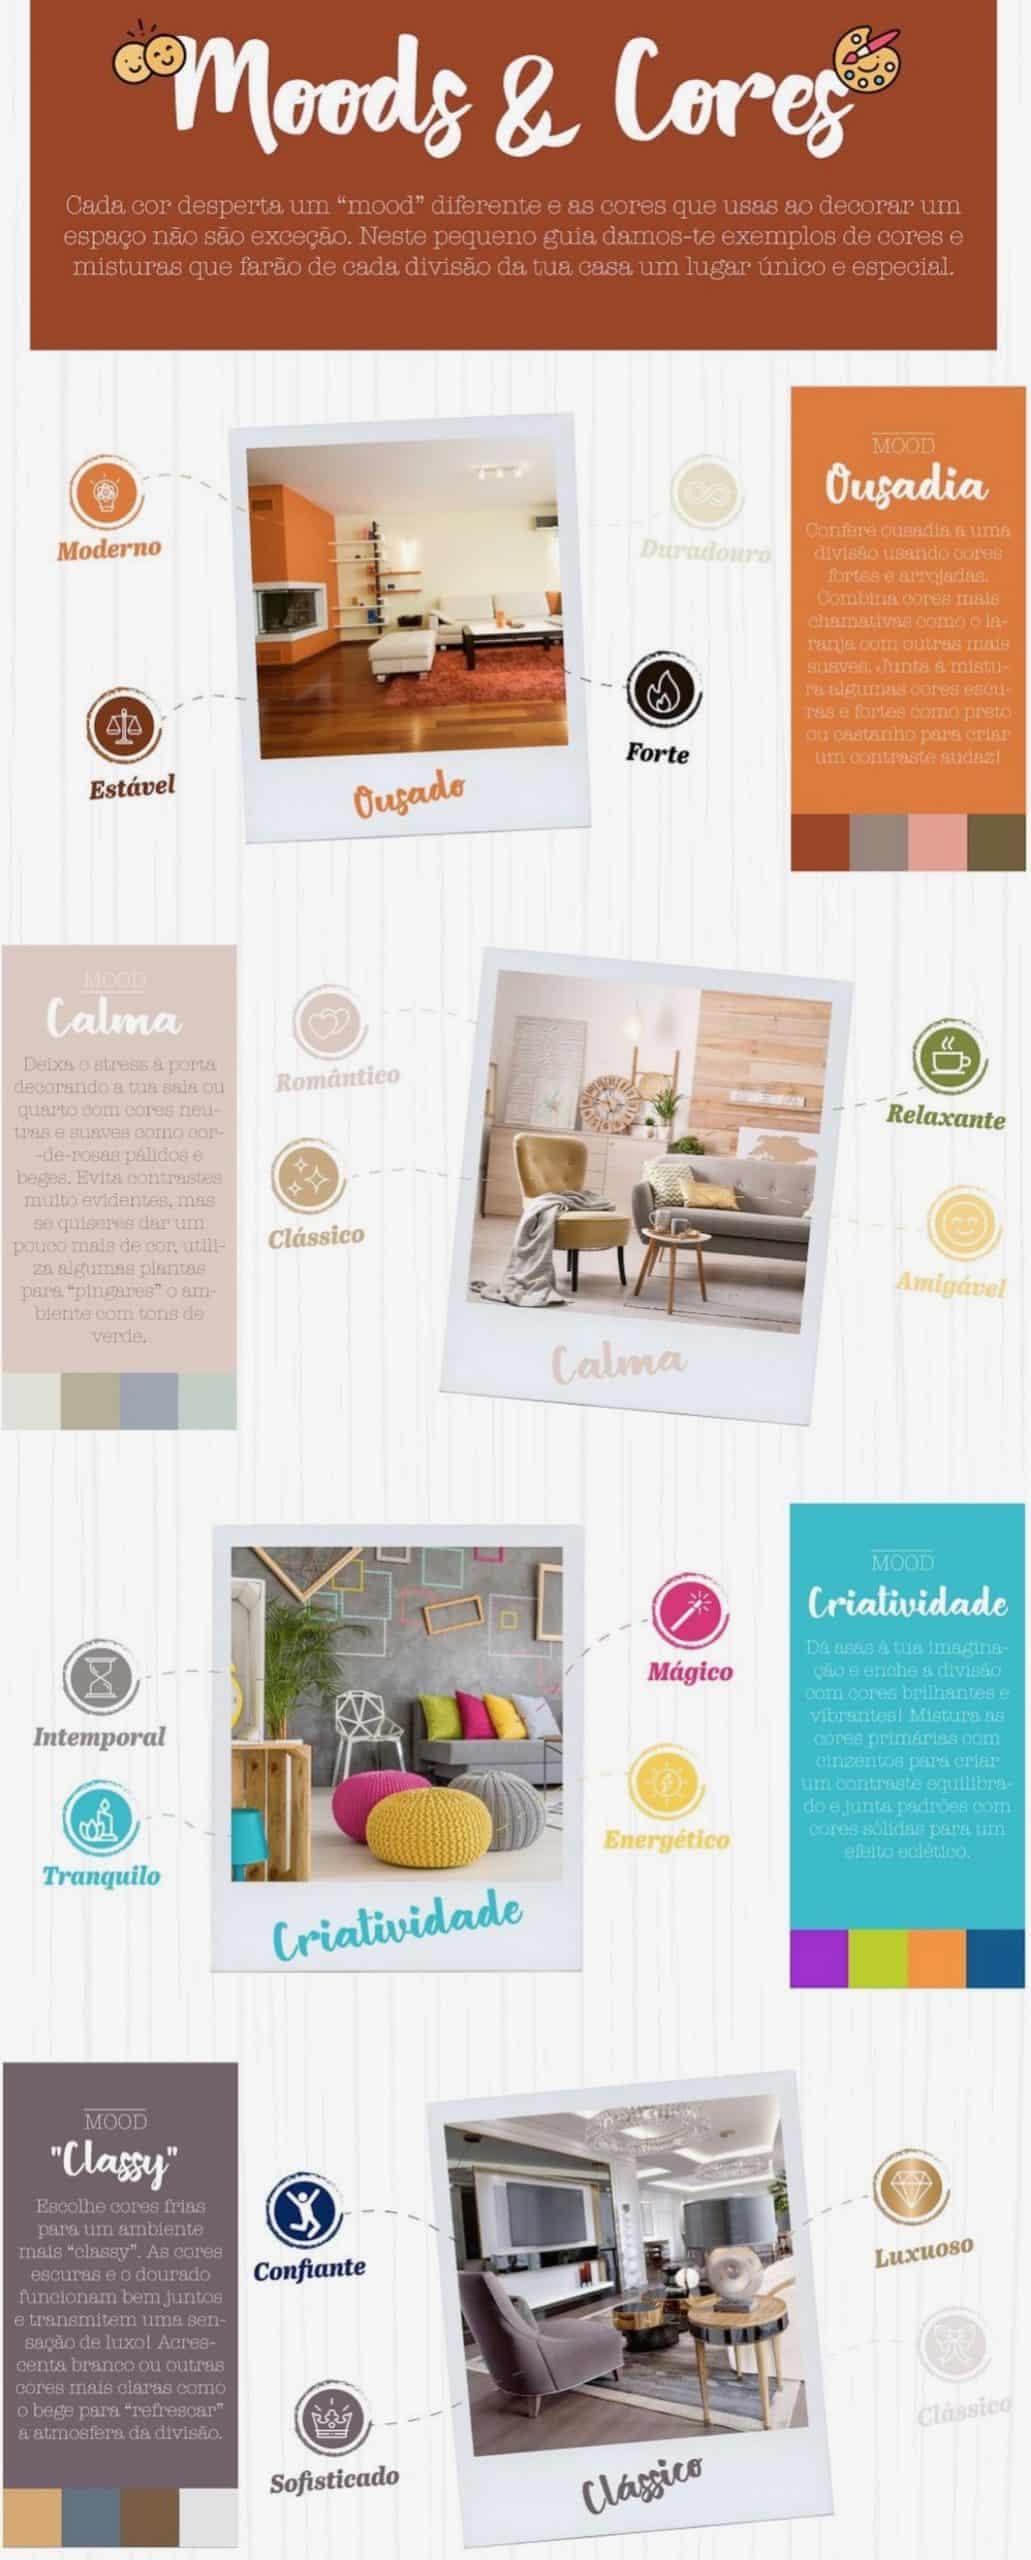 4 combinação de cores e moods na decoração infográfico